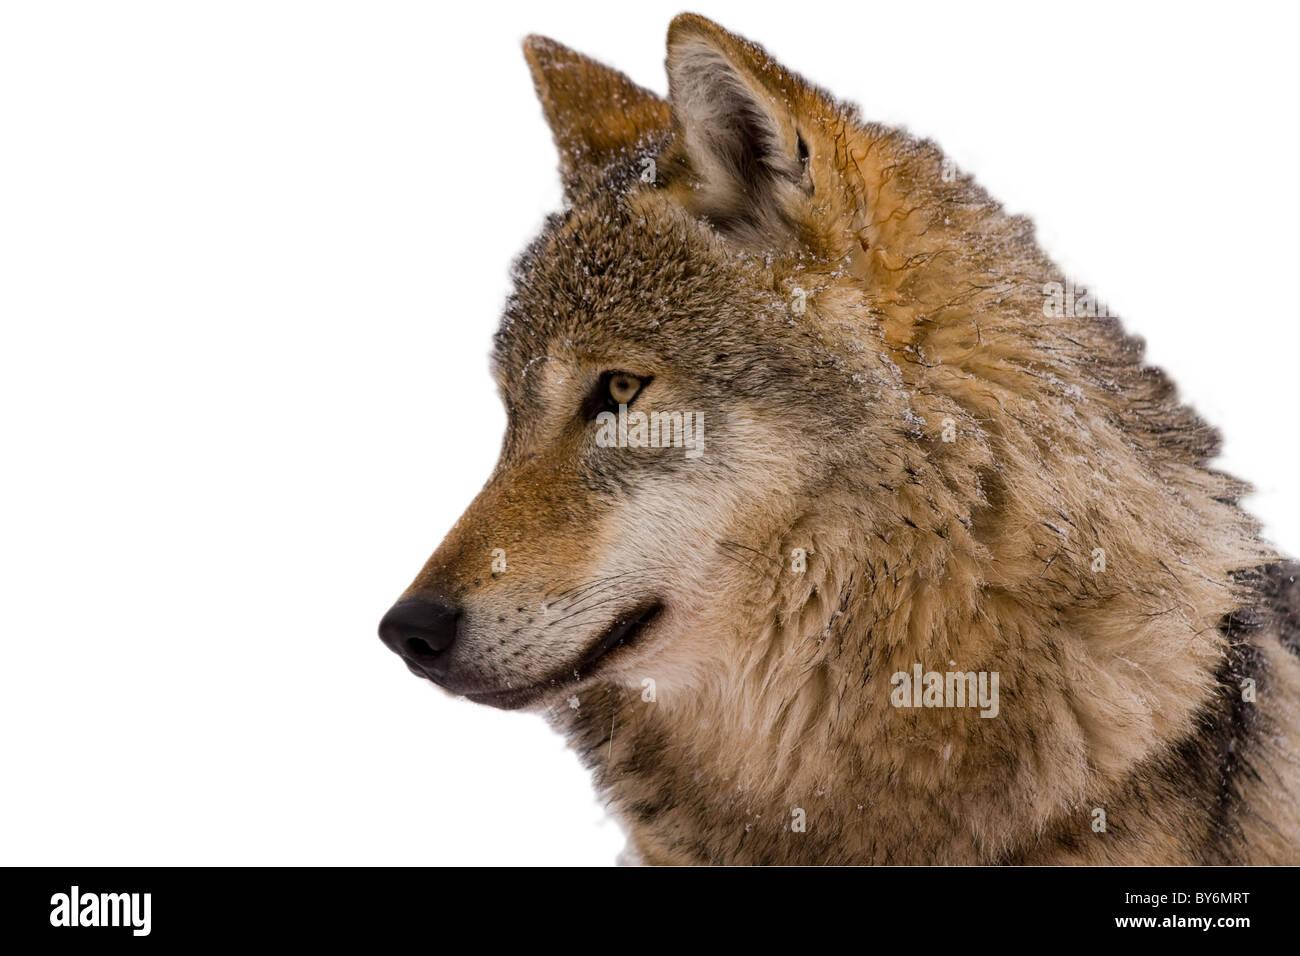 Illustrazione di lupo immagini & illustrazione di lupo fotos stock